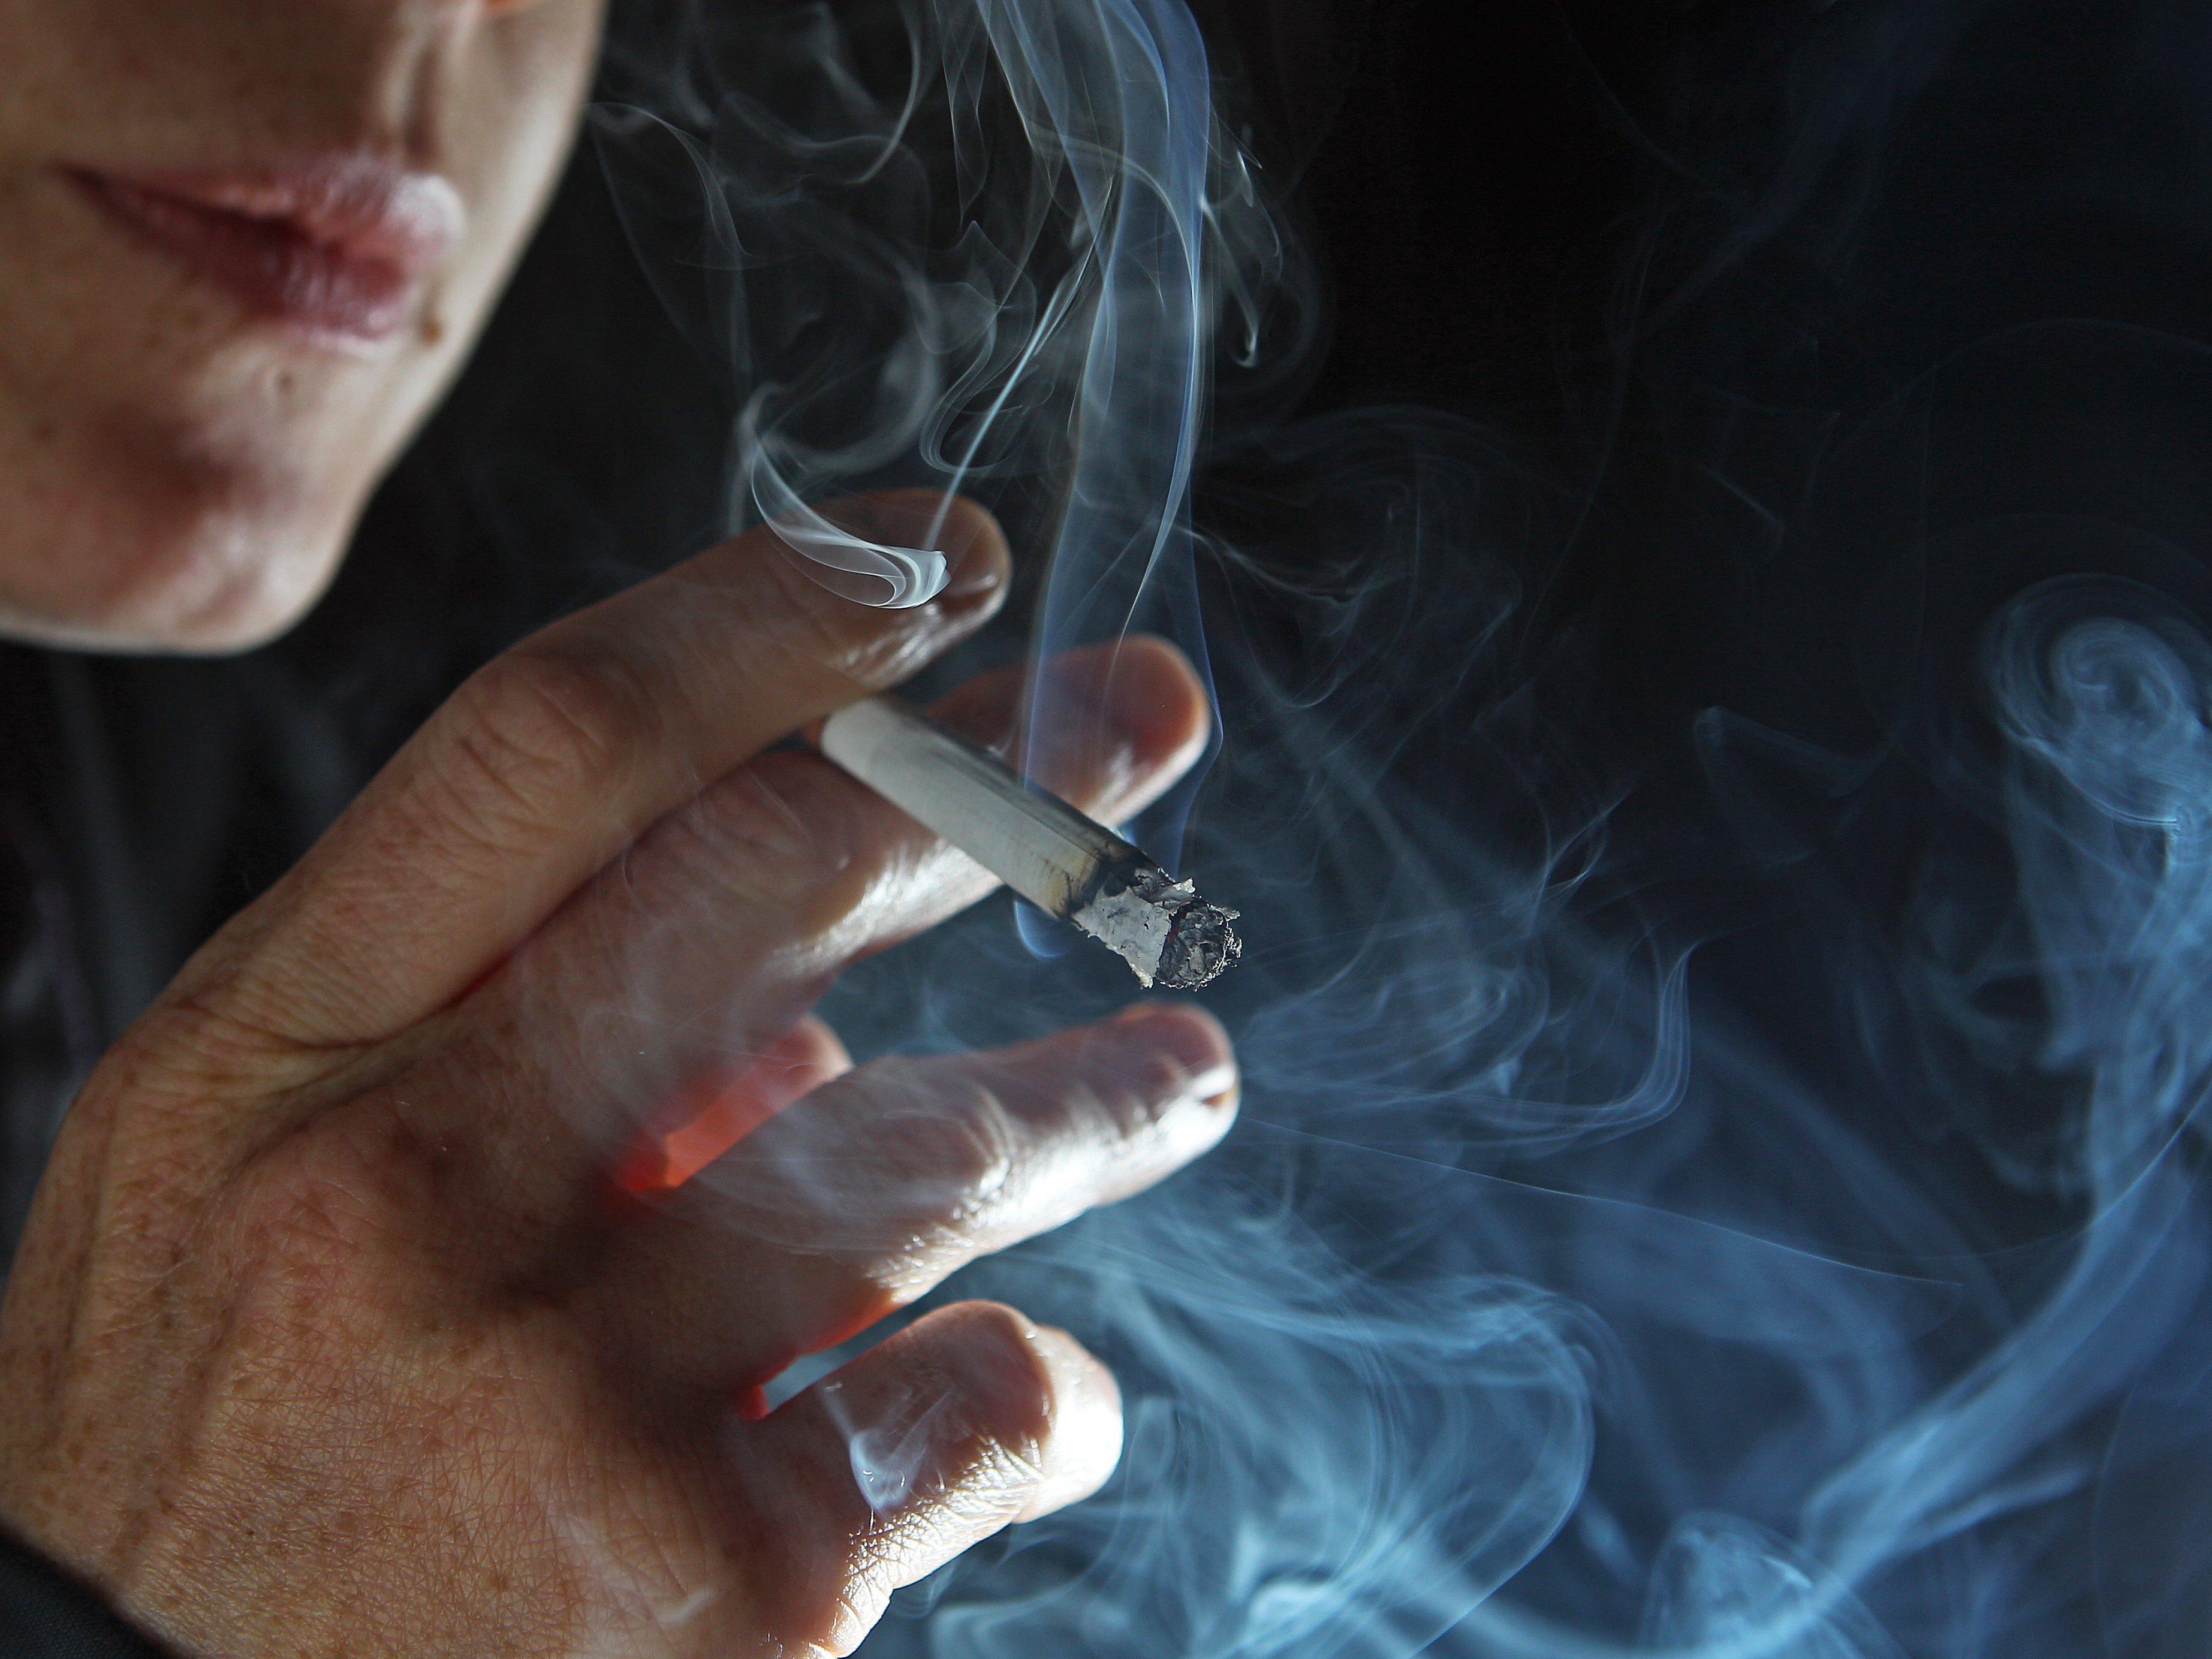 Kinder von Rauchern zeigen laut Studie doppelt so oft Verhaltensstörungen.